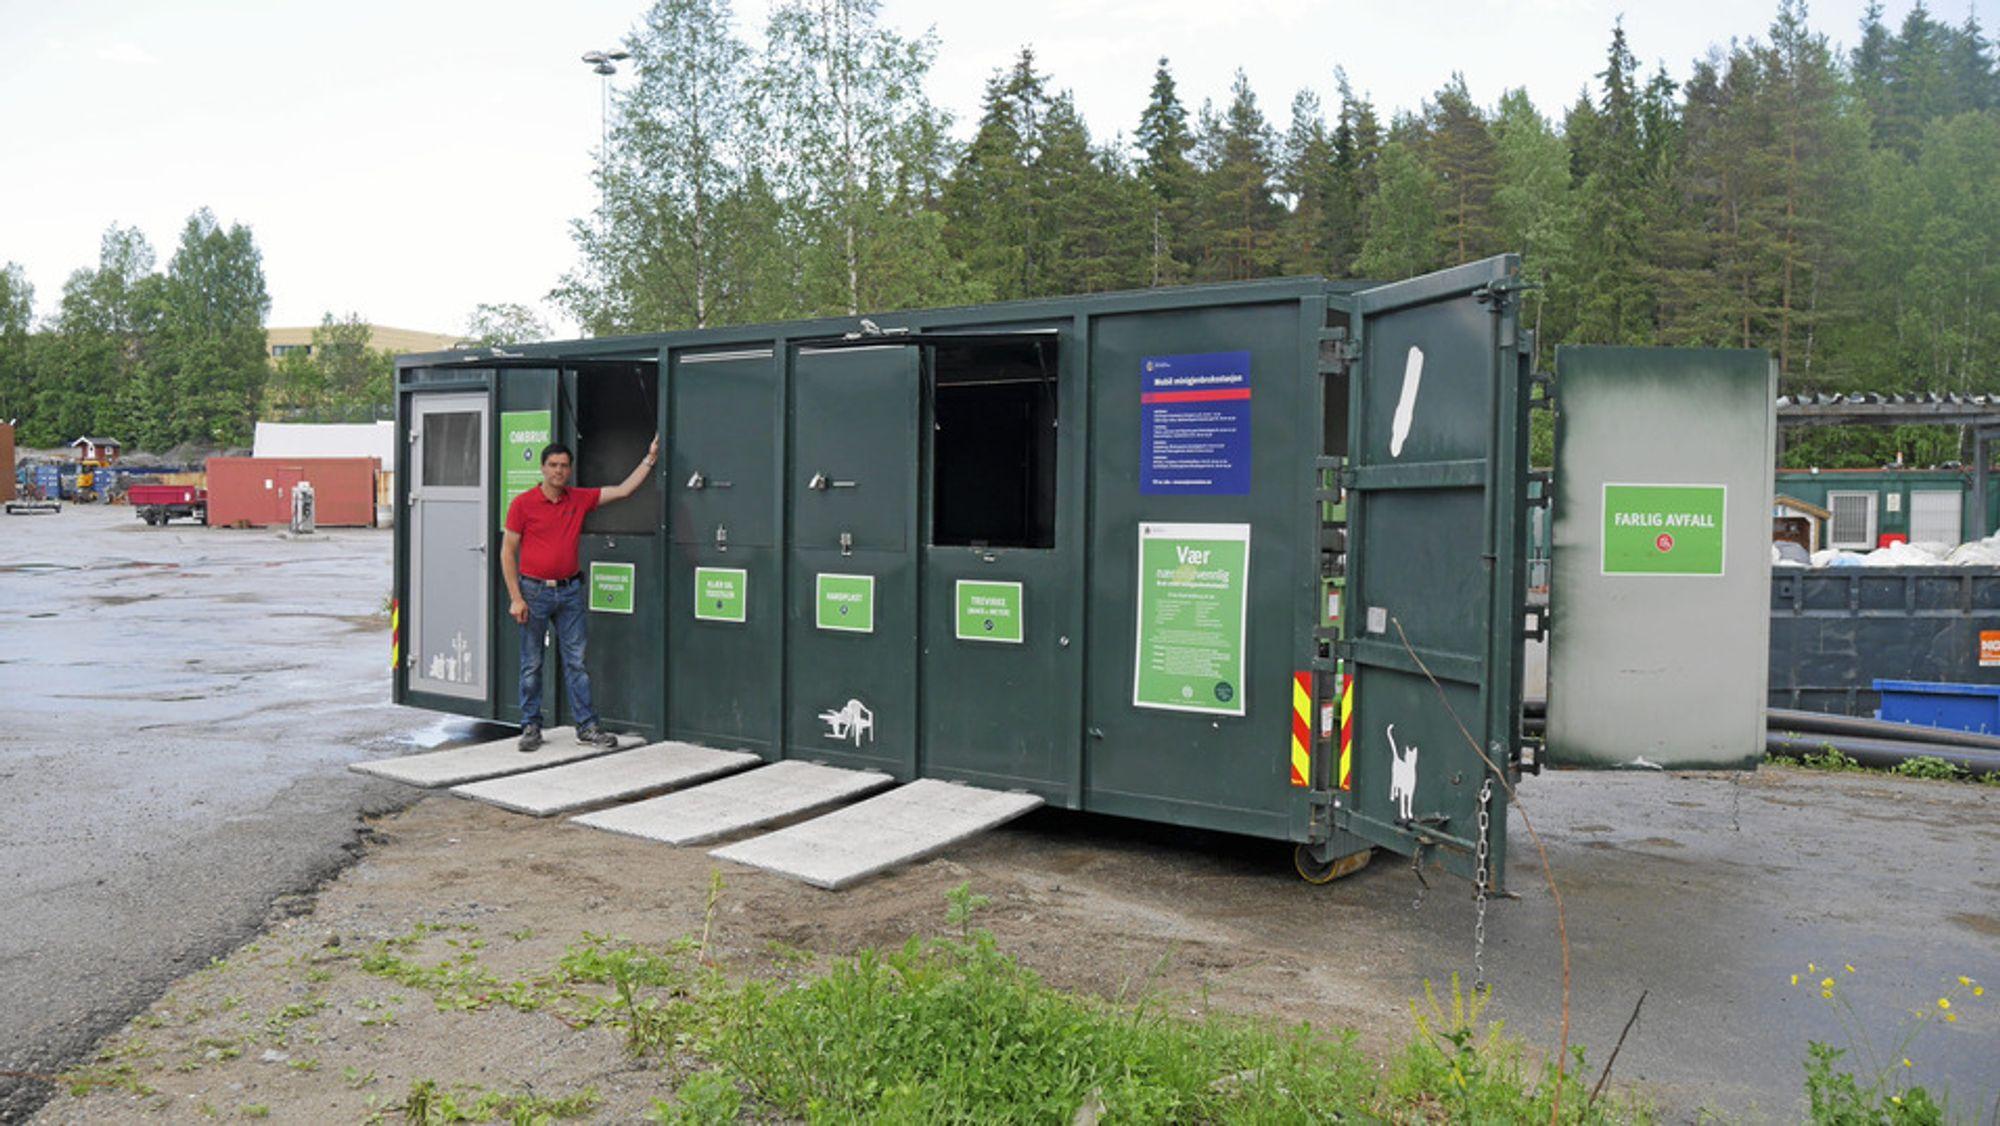 ROSER DE ANSATTE: Dag Øvrom i Follo Ren roser de ansatte ved gjenvinningsstasjonen for håndteringen av denne og andre farlige situasjoner.